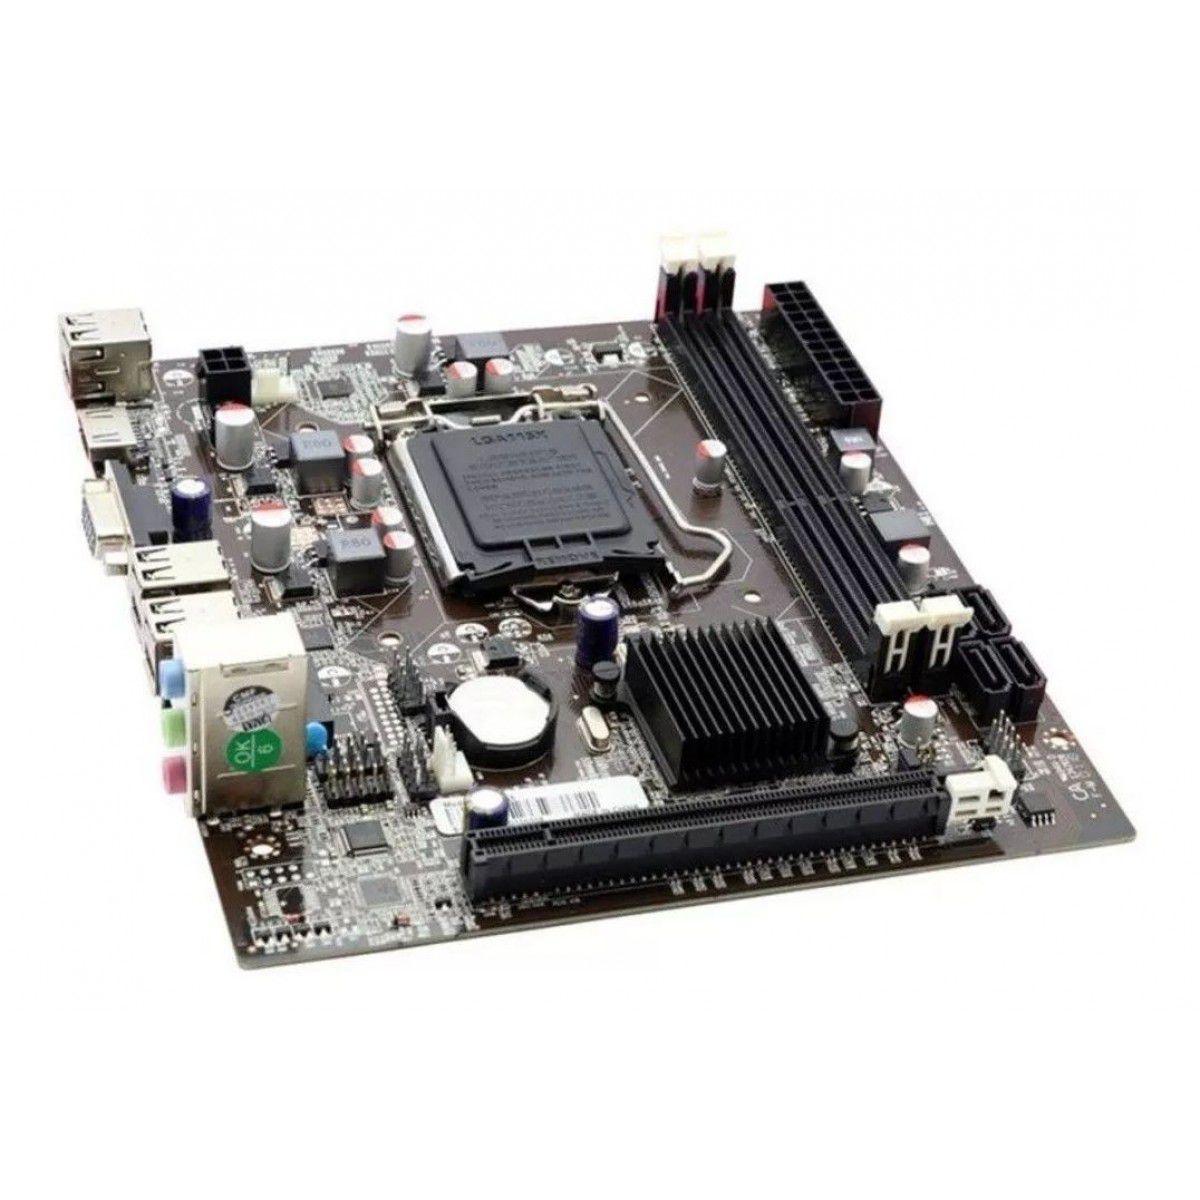 Placa Mãe Afox IH55-MA4 Chipset H55, Intel LGA 1156, mATX, DDR3